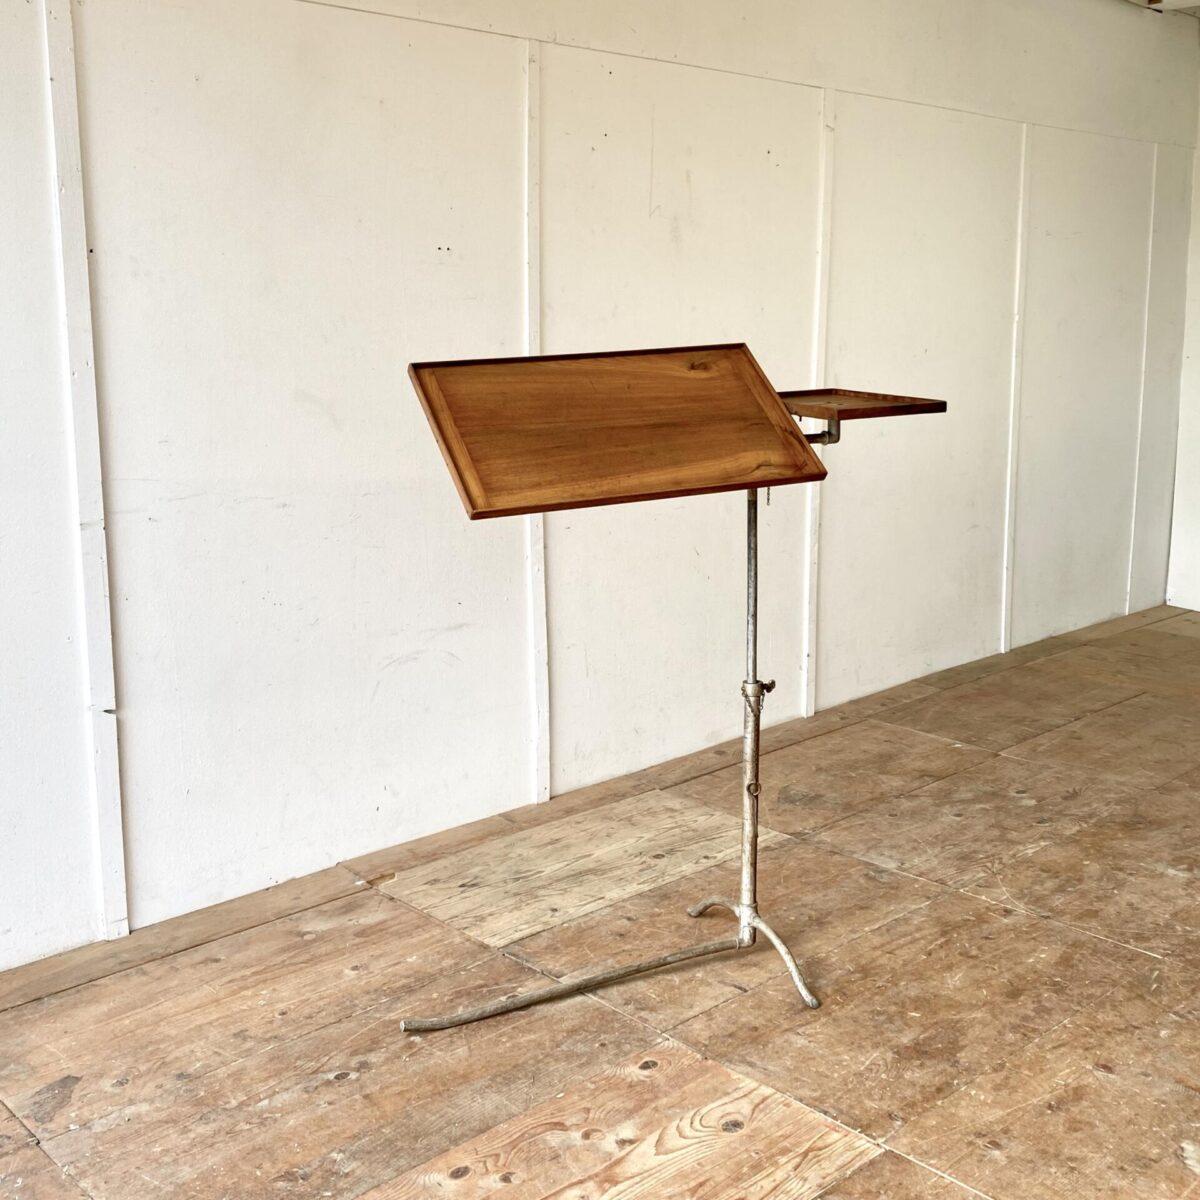 Beistelltisch mit schöner Industrie Patina. 101x39cm höhenverstellbar von 79 bis 118cm. Dieser Tisch ist funktional sehr vielseitig einsetzbar, vom Stehpult über Spitalbett Tisch bis zum Notenständer. Auch lässt es sich gemütlich vom Sessel daran Arbeiten.